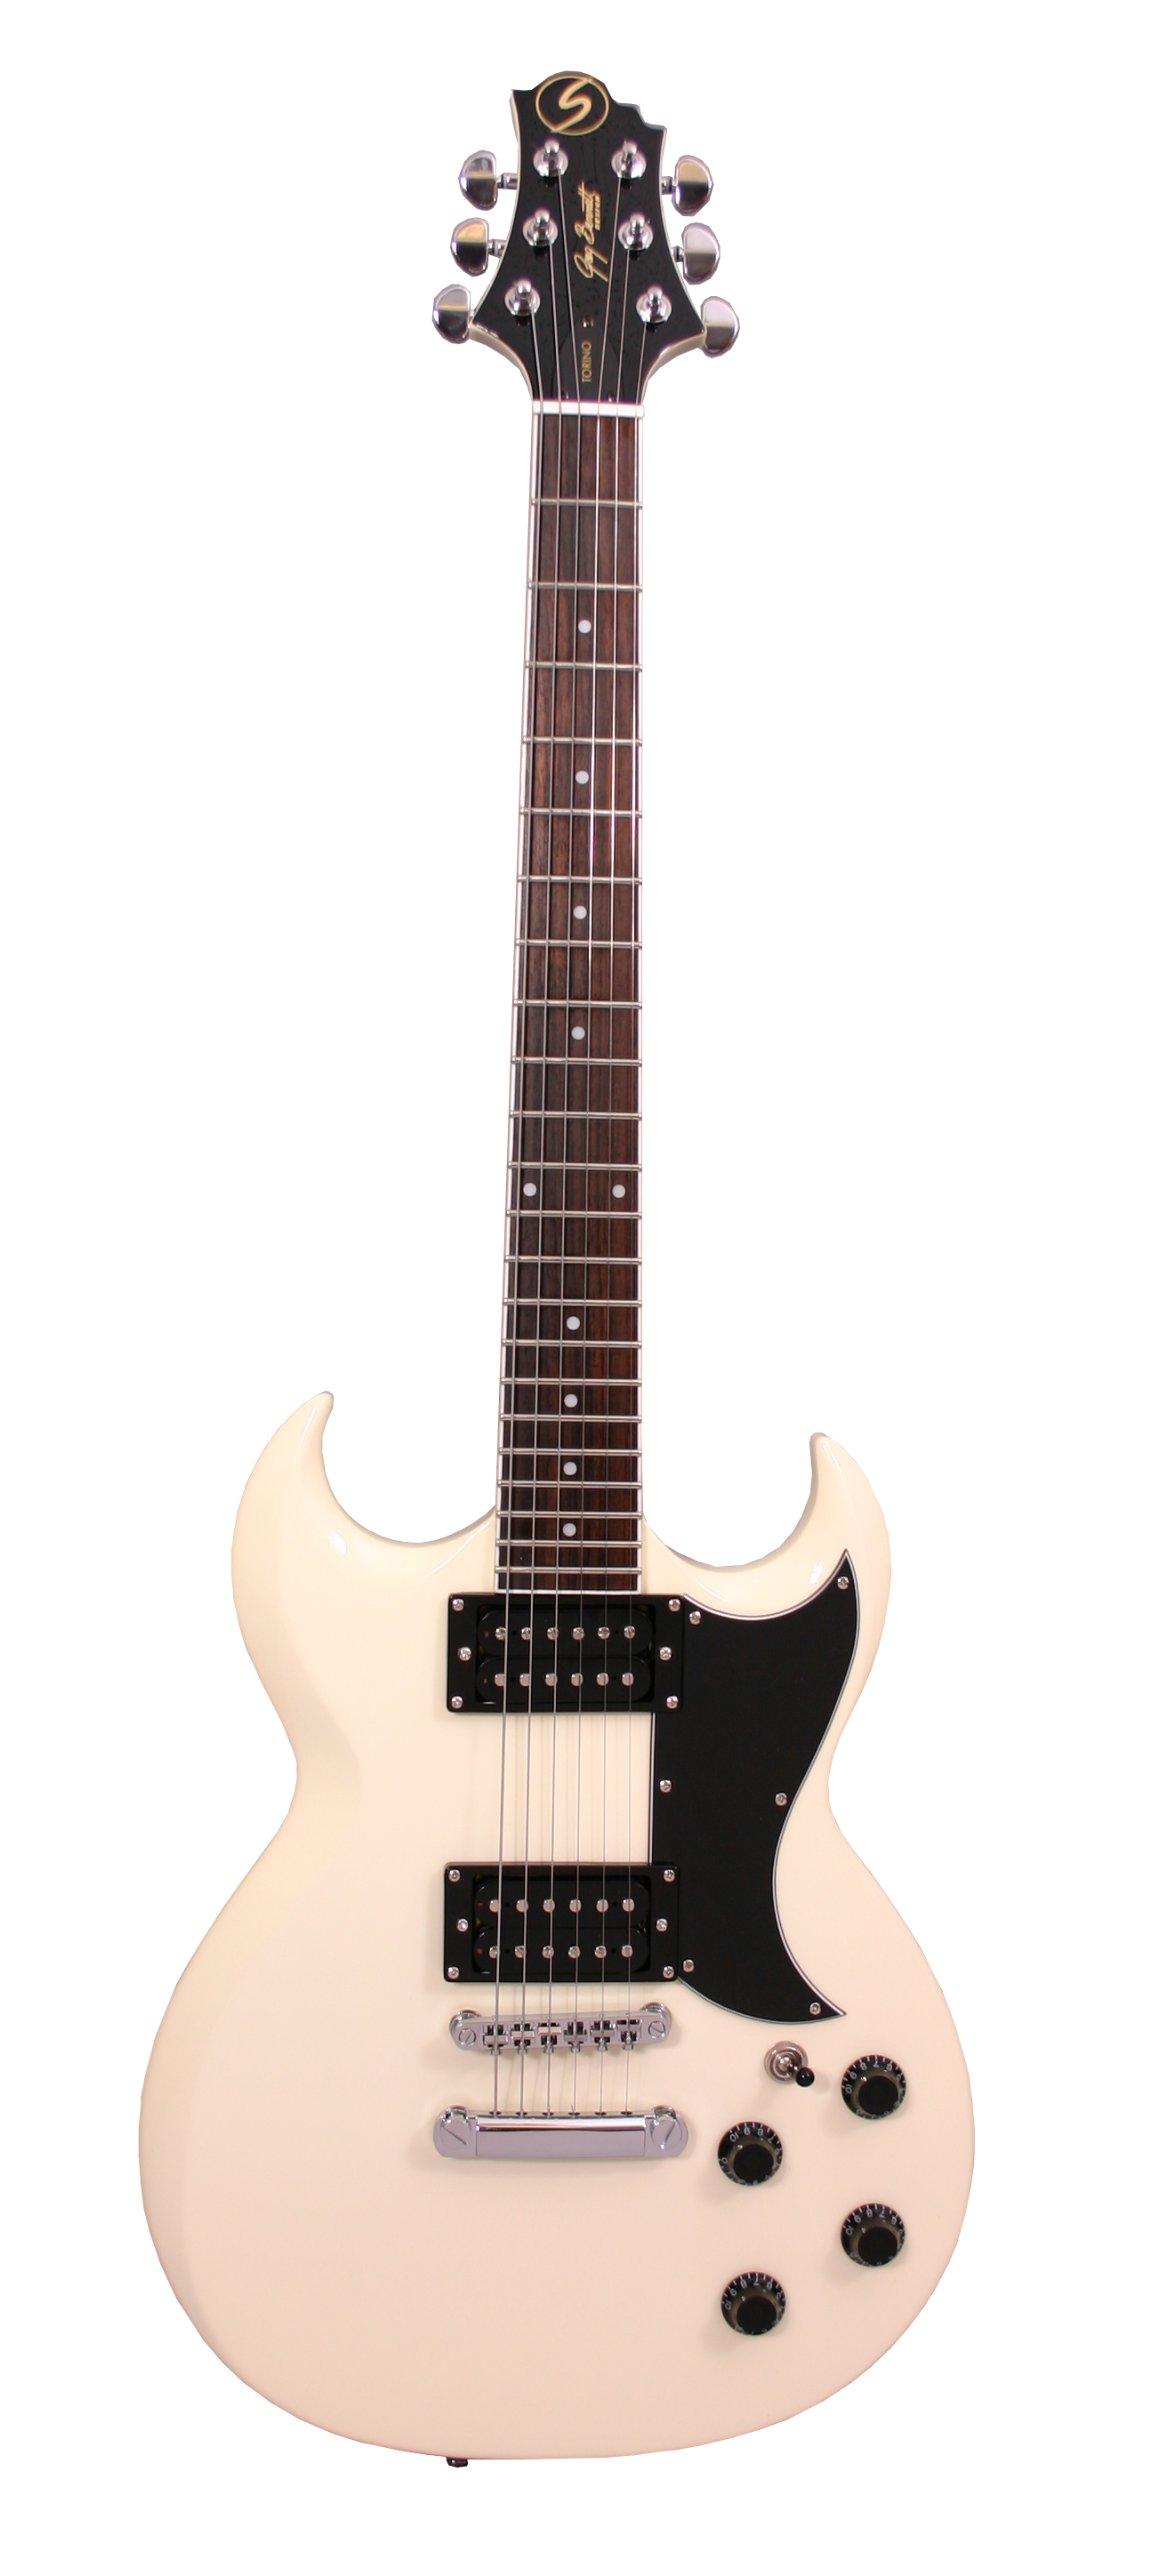 Samick Greg Bennett Design TR10 Electric Guitar, Off White by Samick